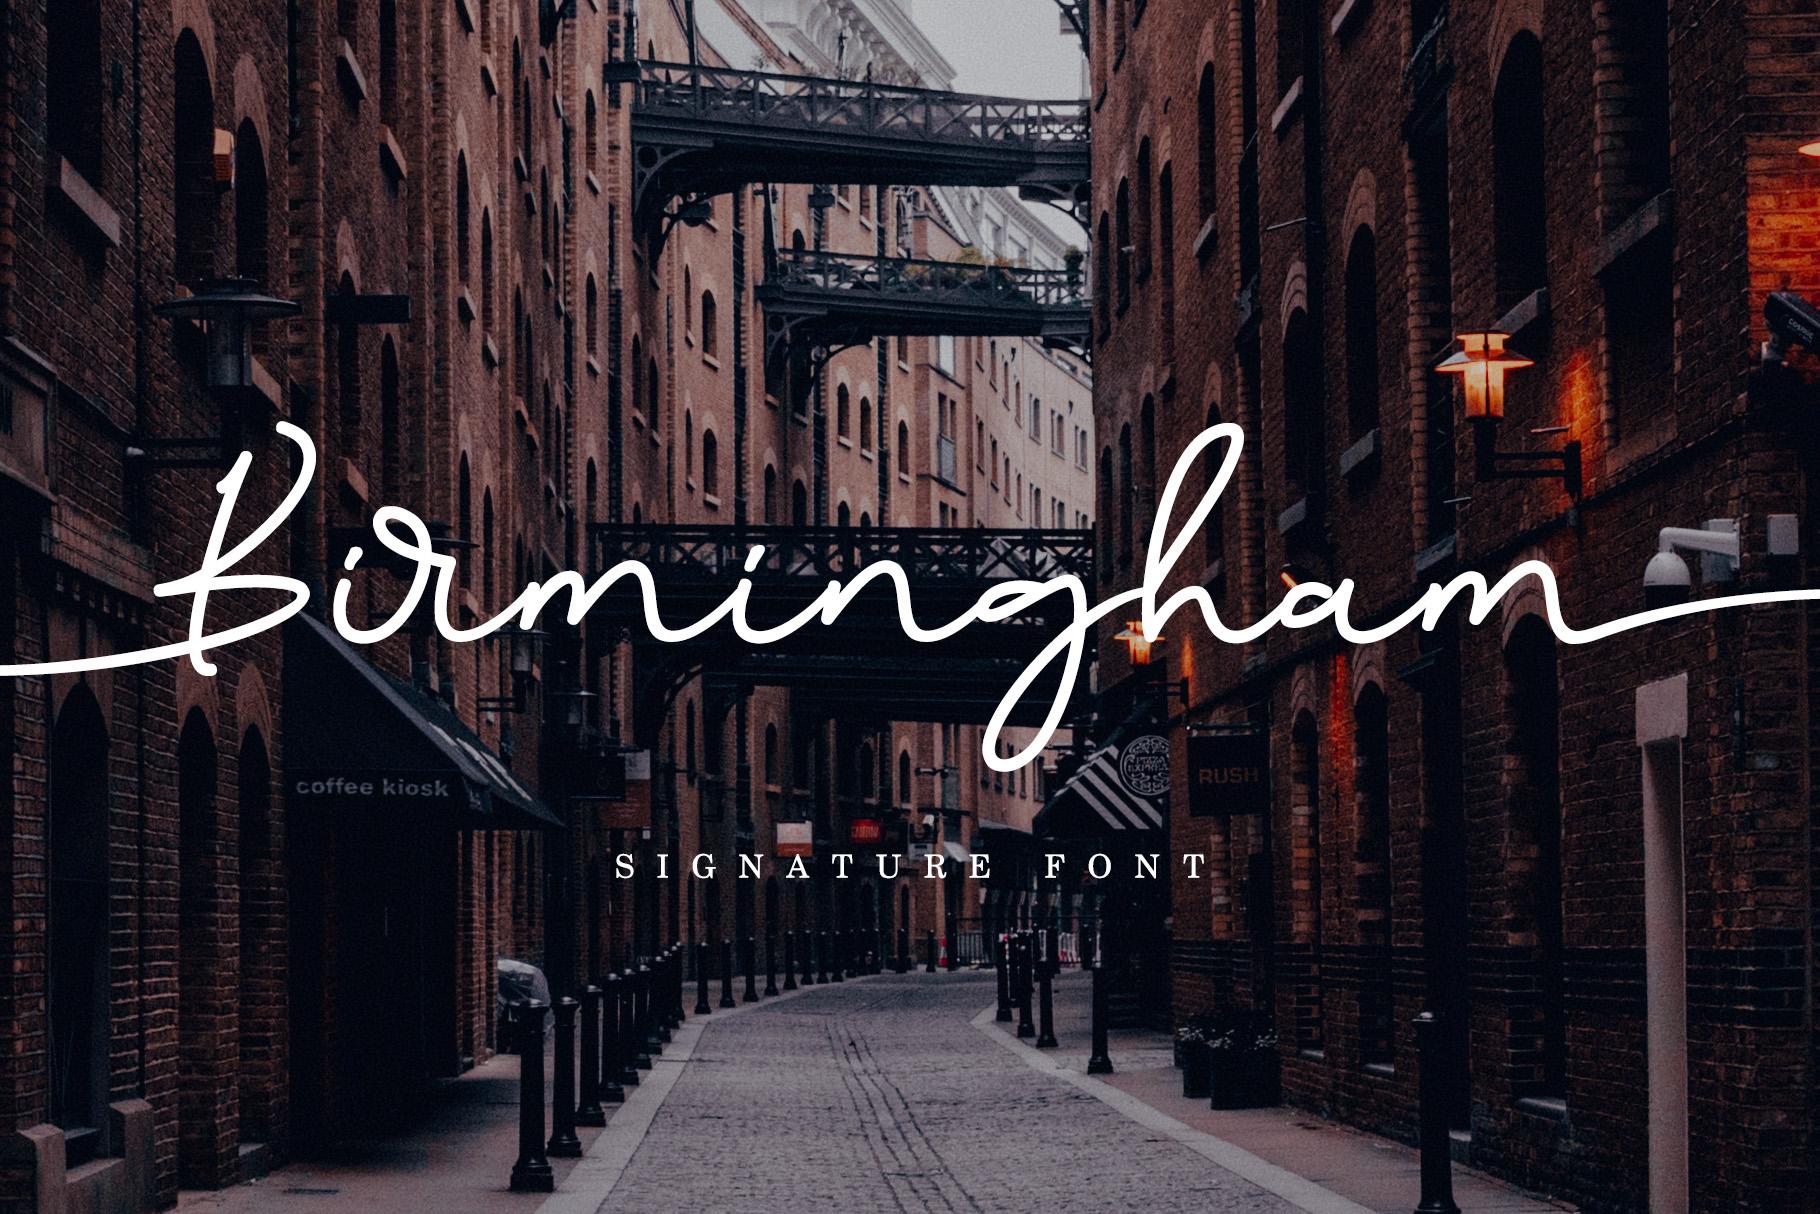 Birmingham Signature example image 1